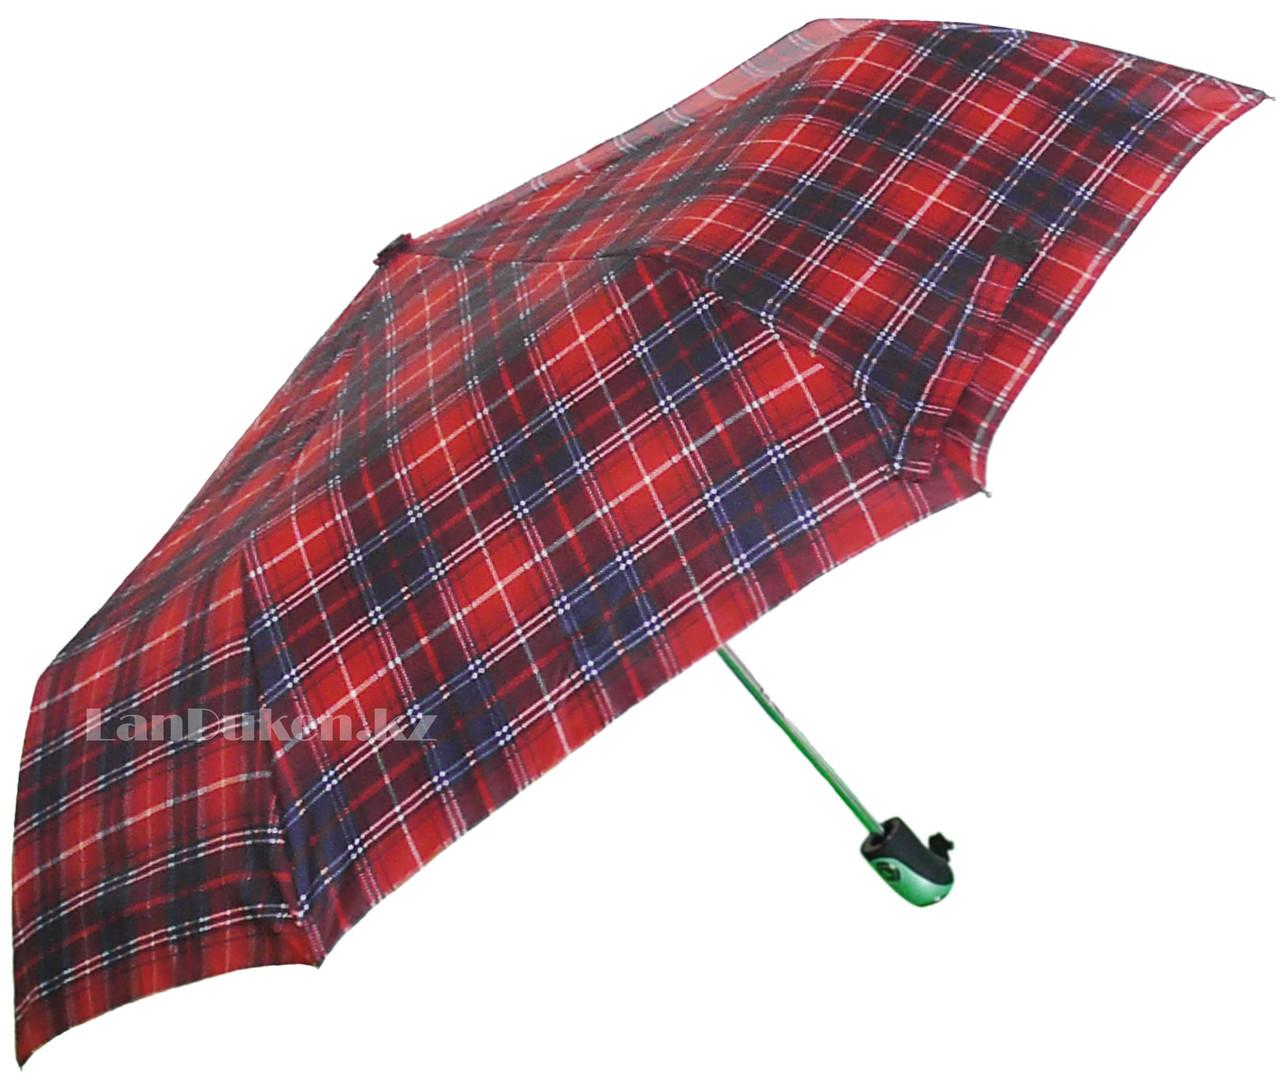 Женский складной зонт Три слона красный в клетку